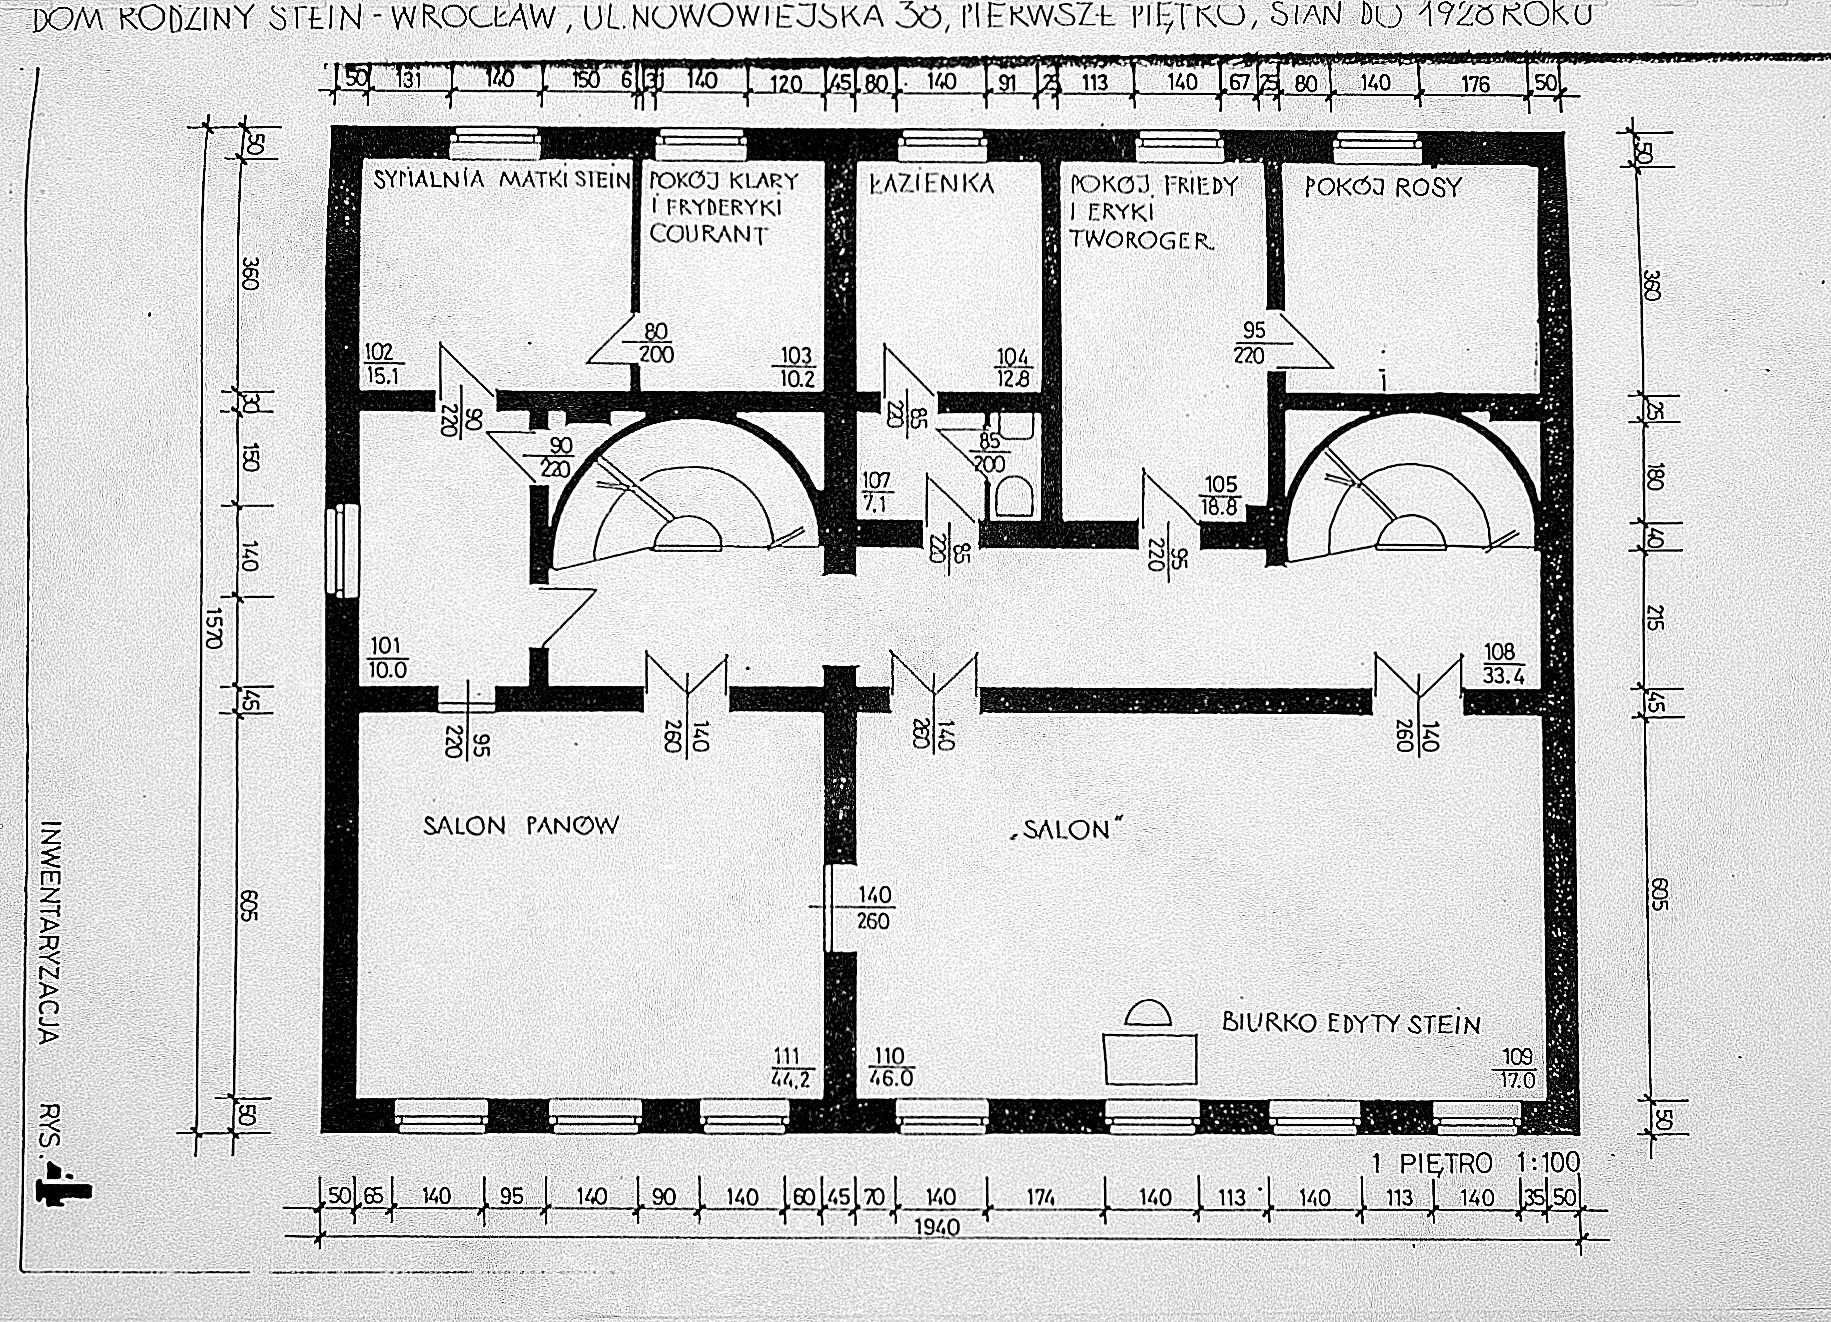 Plan domu Steinów przy Michaelisstrasse 38 weWrocławiu przed1928 rokiem, Ipiętro, archiwum Towarzystwa im.Edyty Stein weWrocławiu.